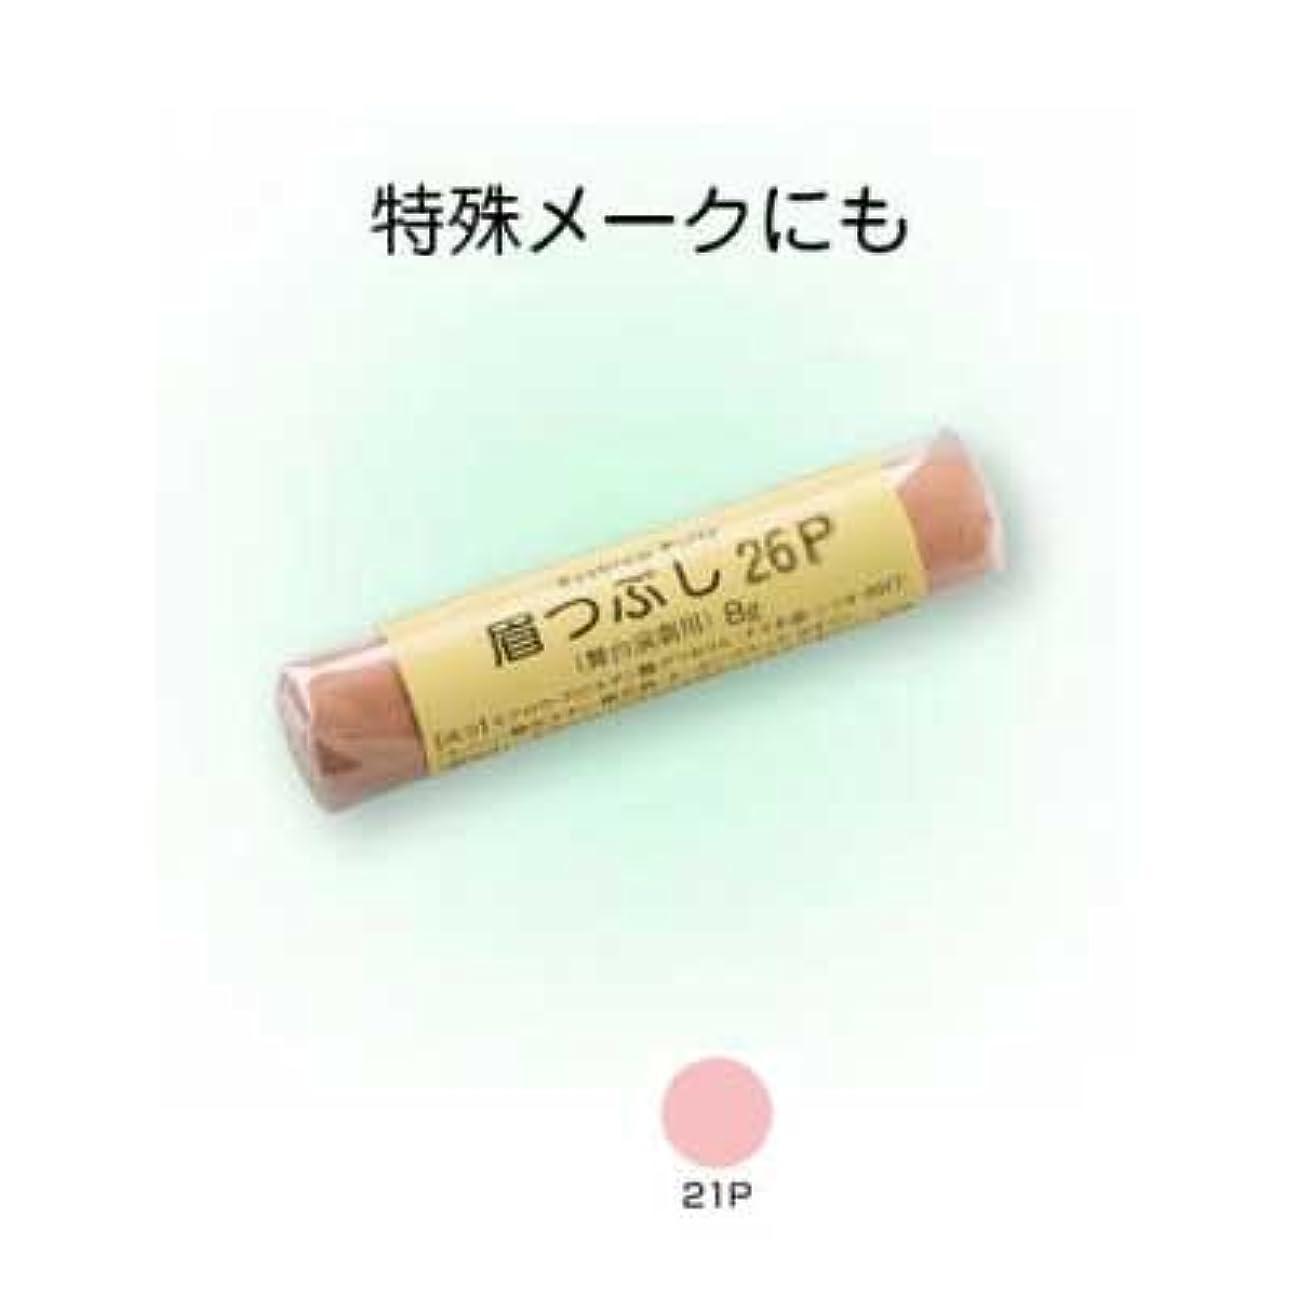 眉つぶし 21P【三善】